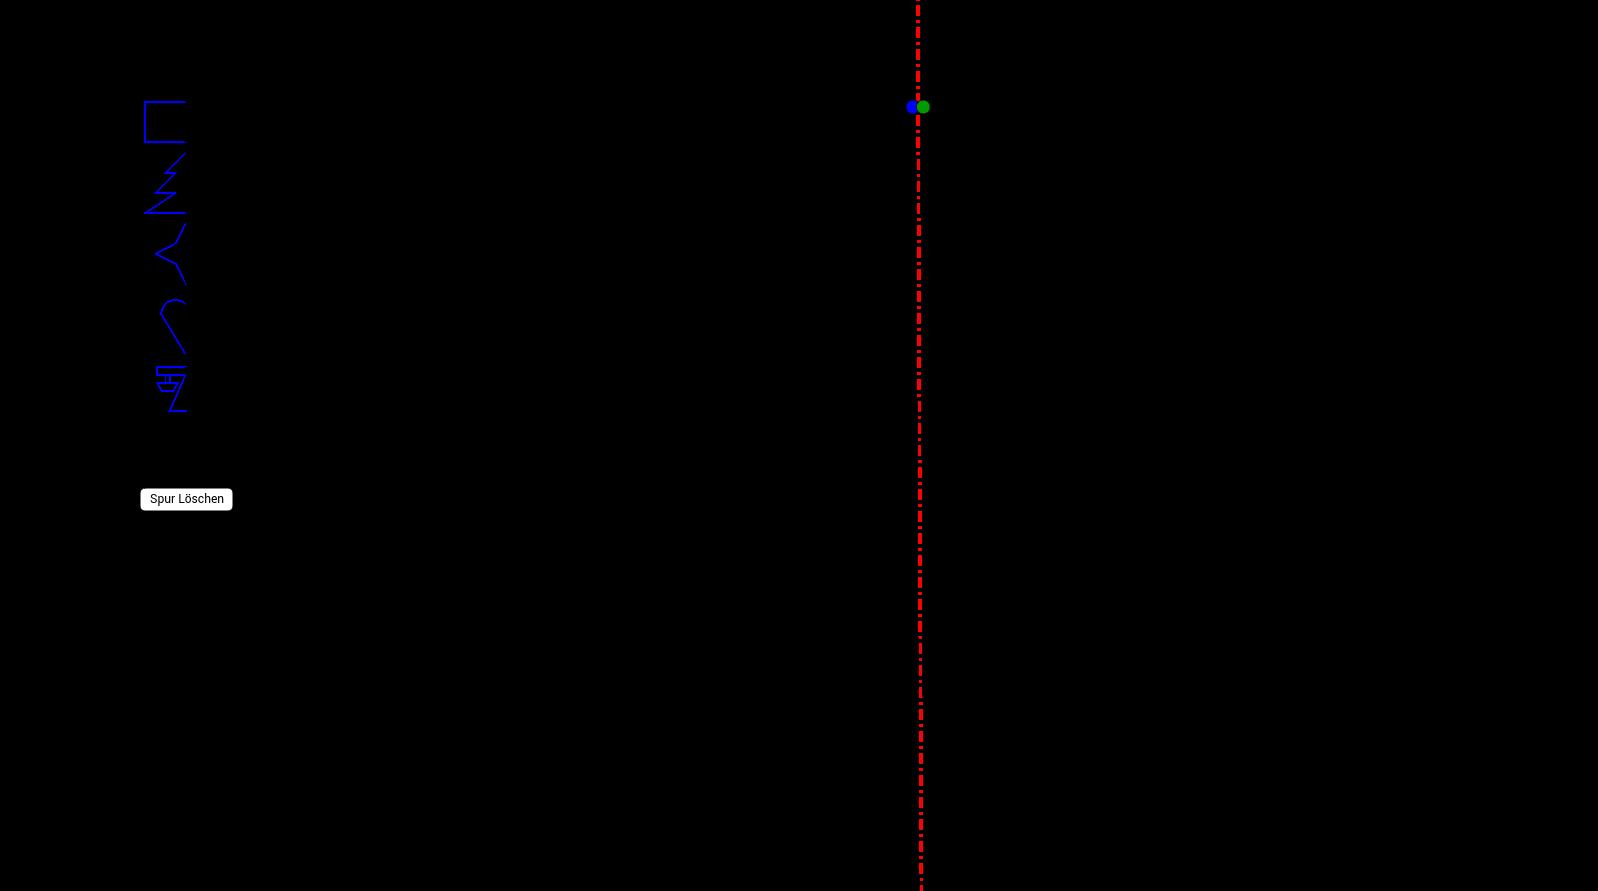 Symmetrie - Zeichnen